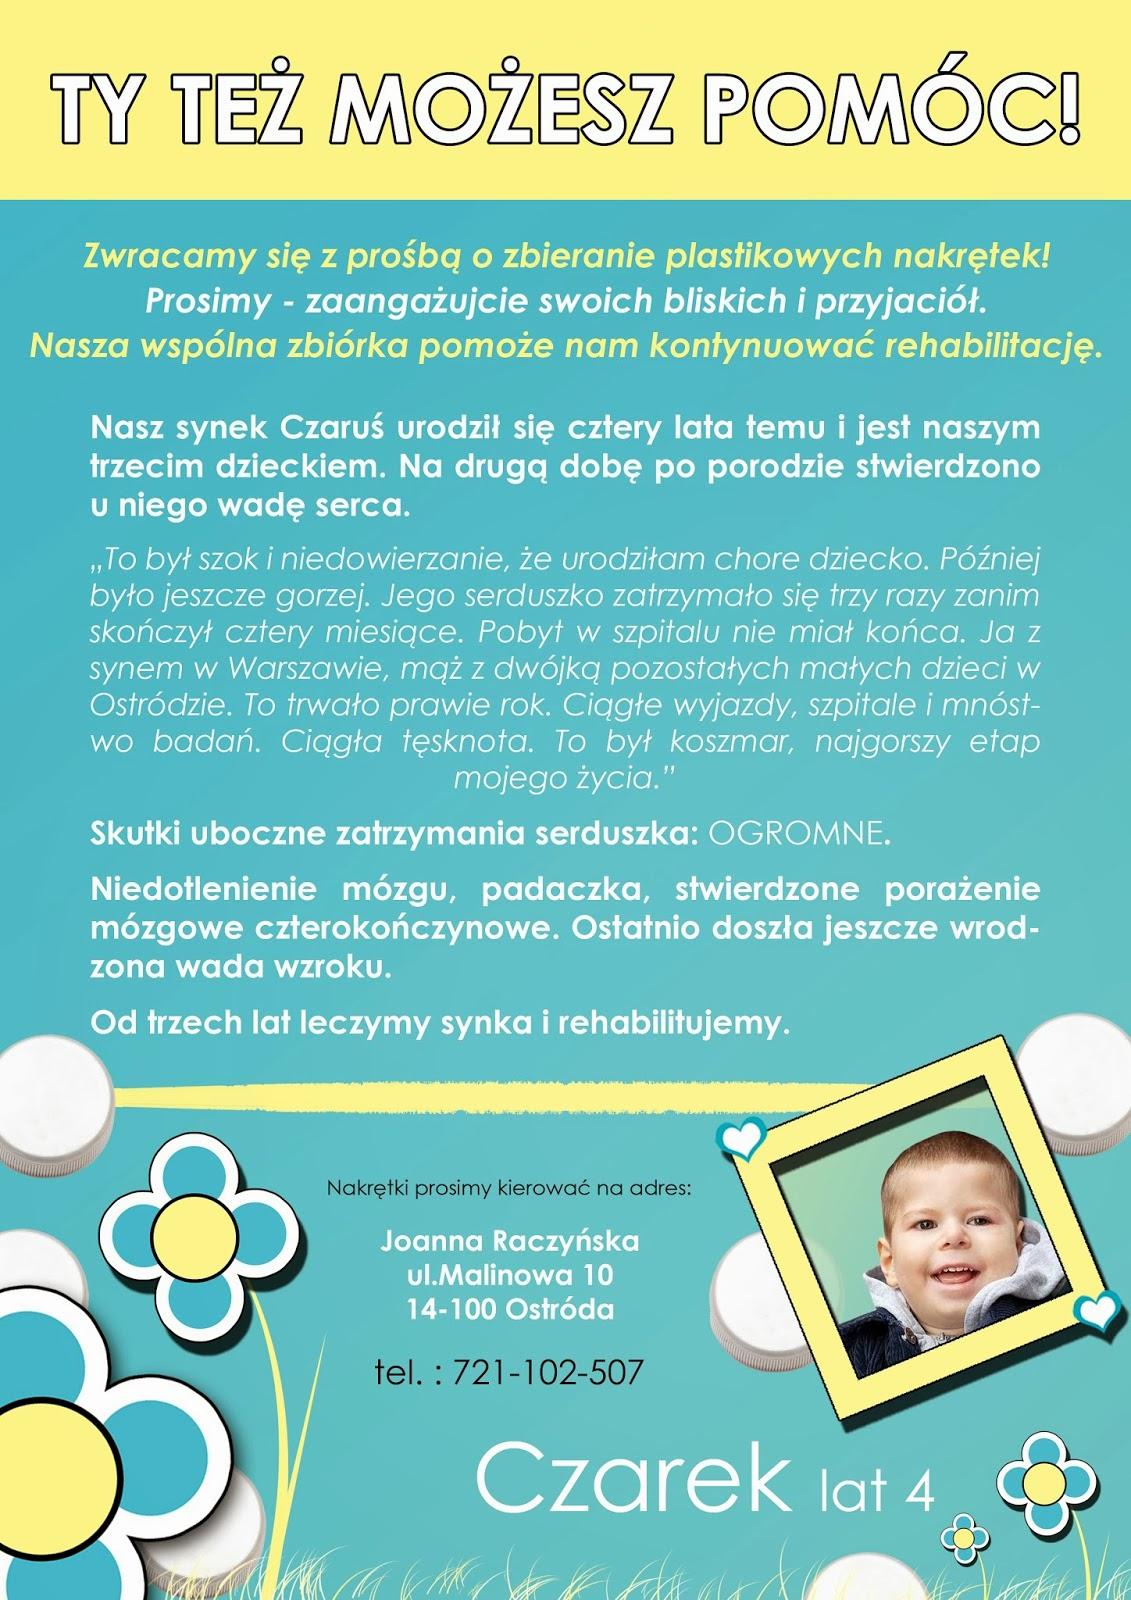 Cezary Raczyński- Ostróda